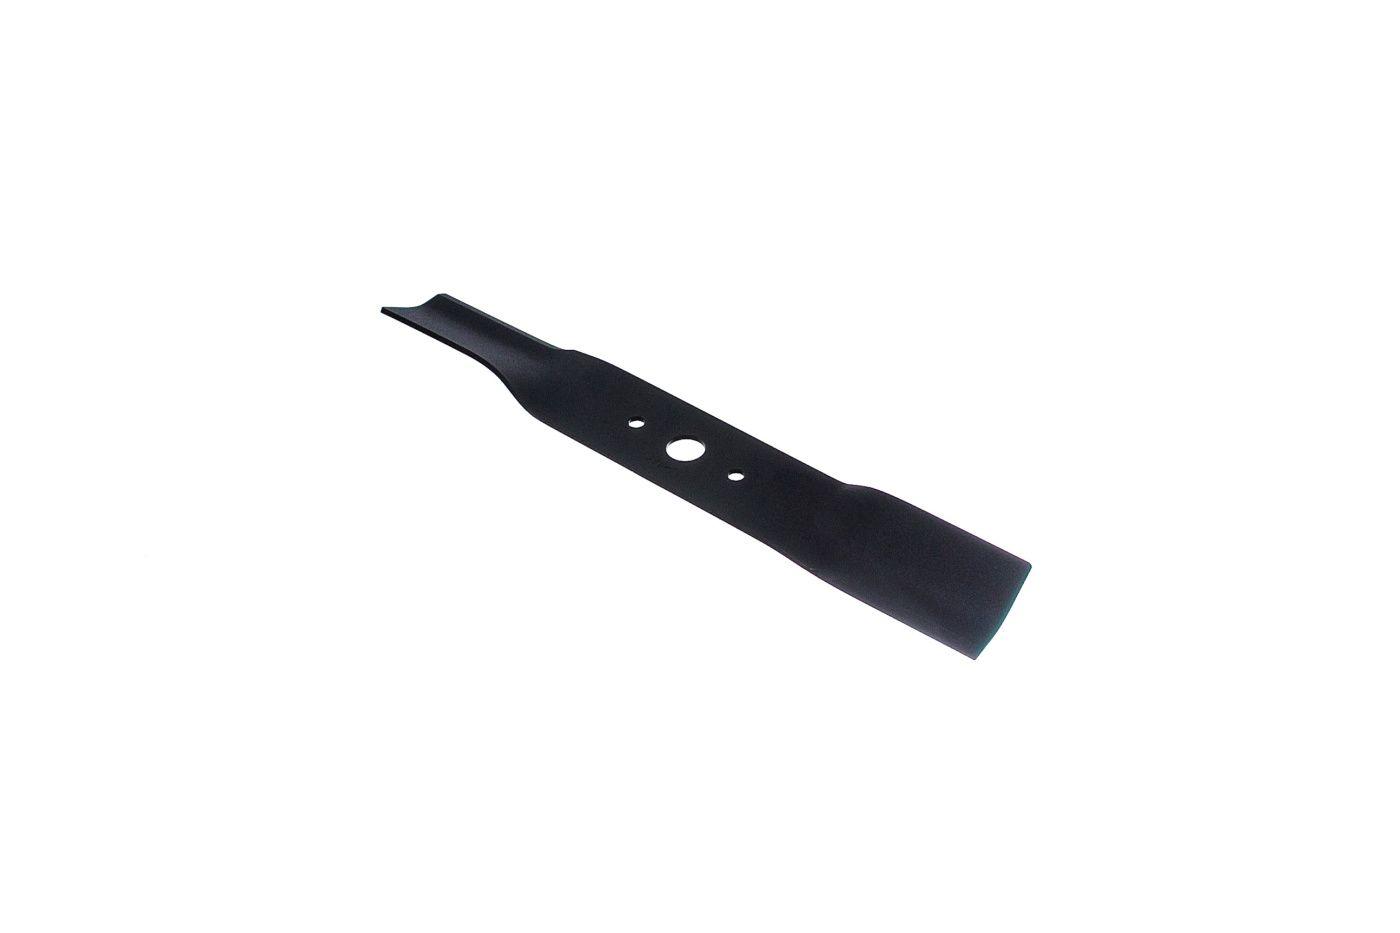 Nůž motorových sekaček AGROMA MEGAGROUP 4100 4110 4120 - 270011810